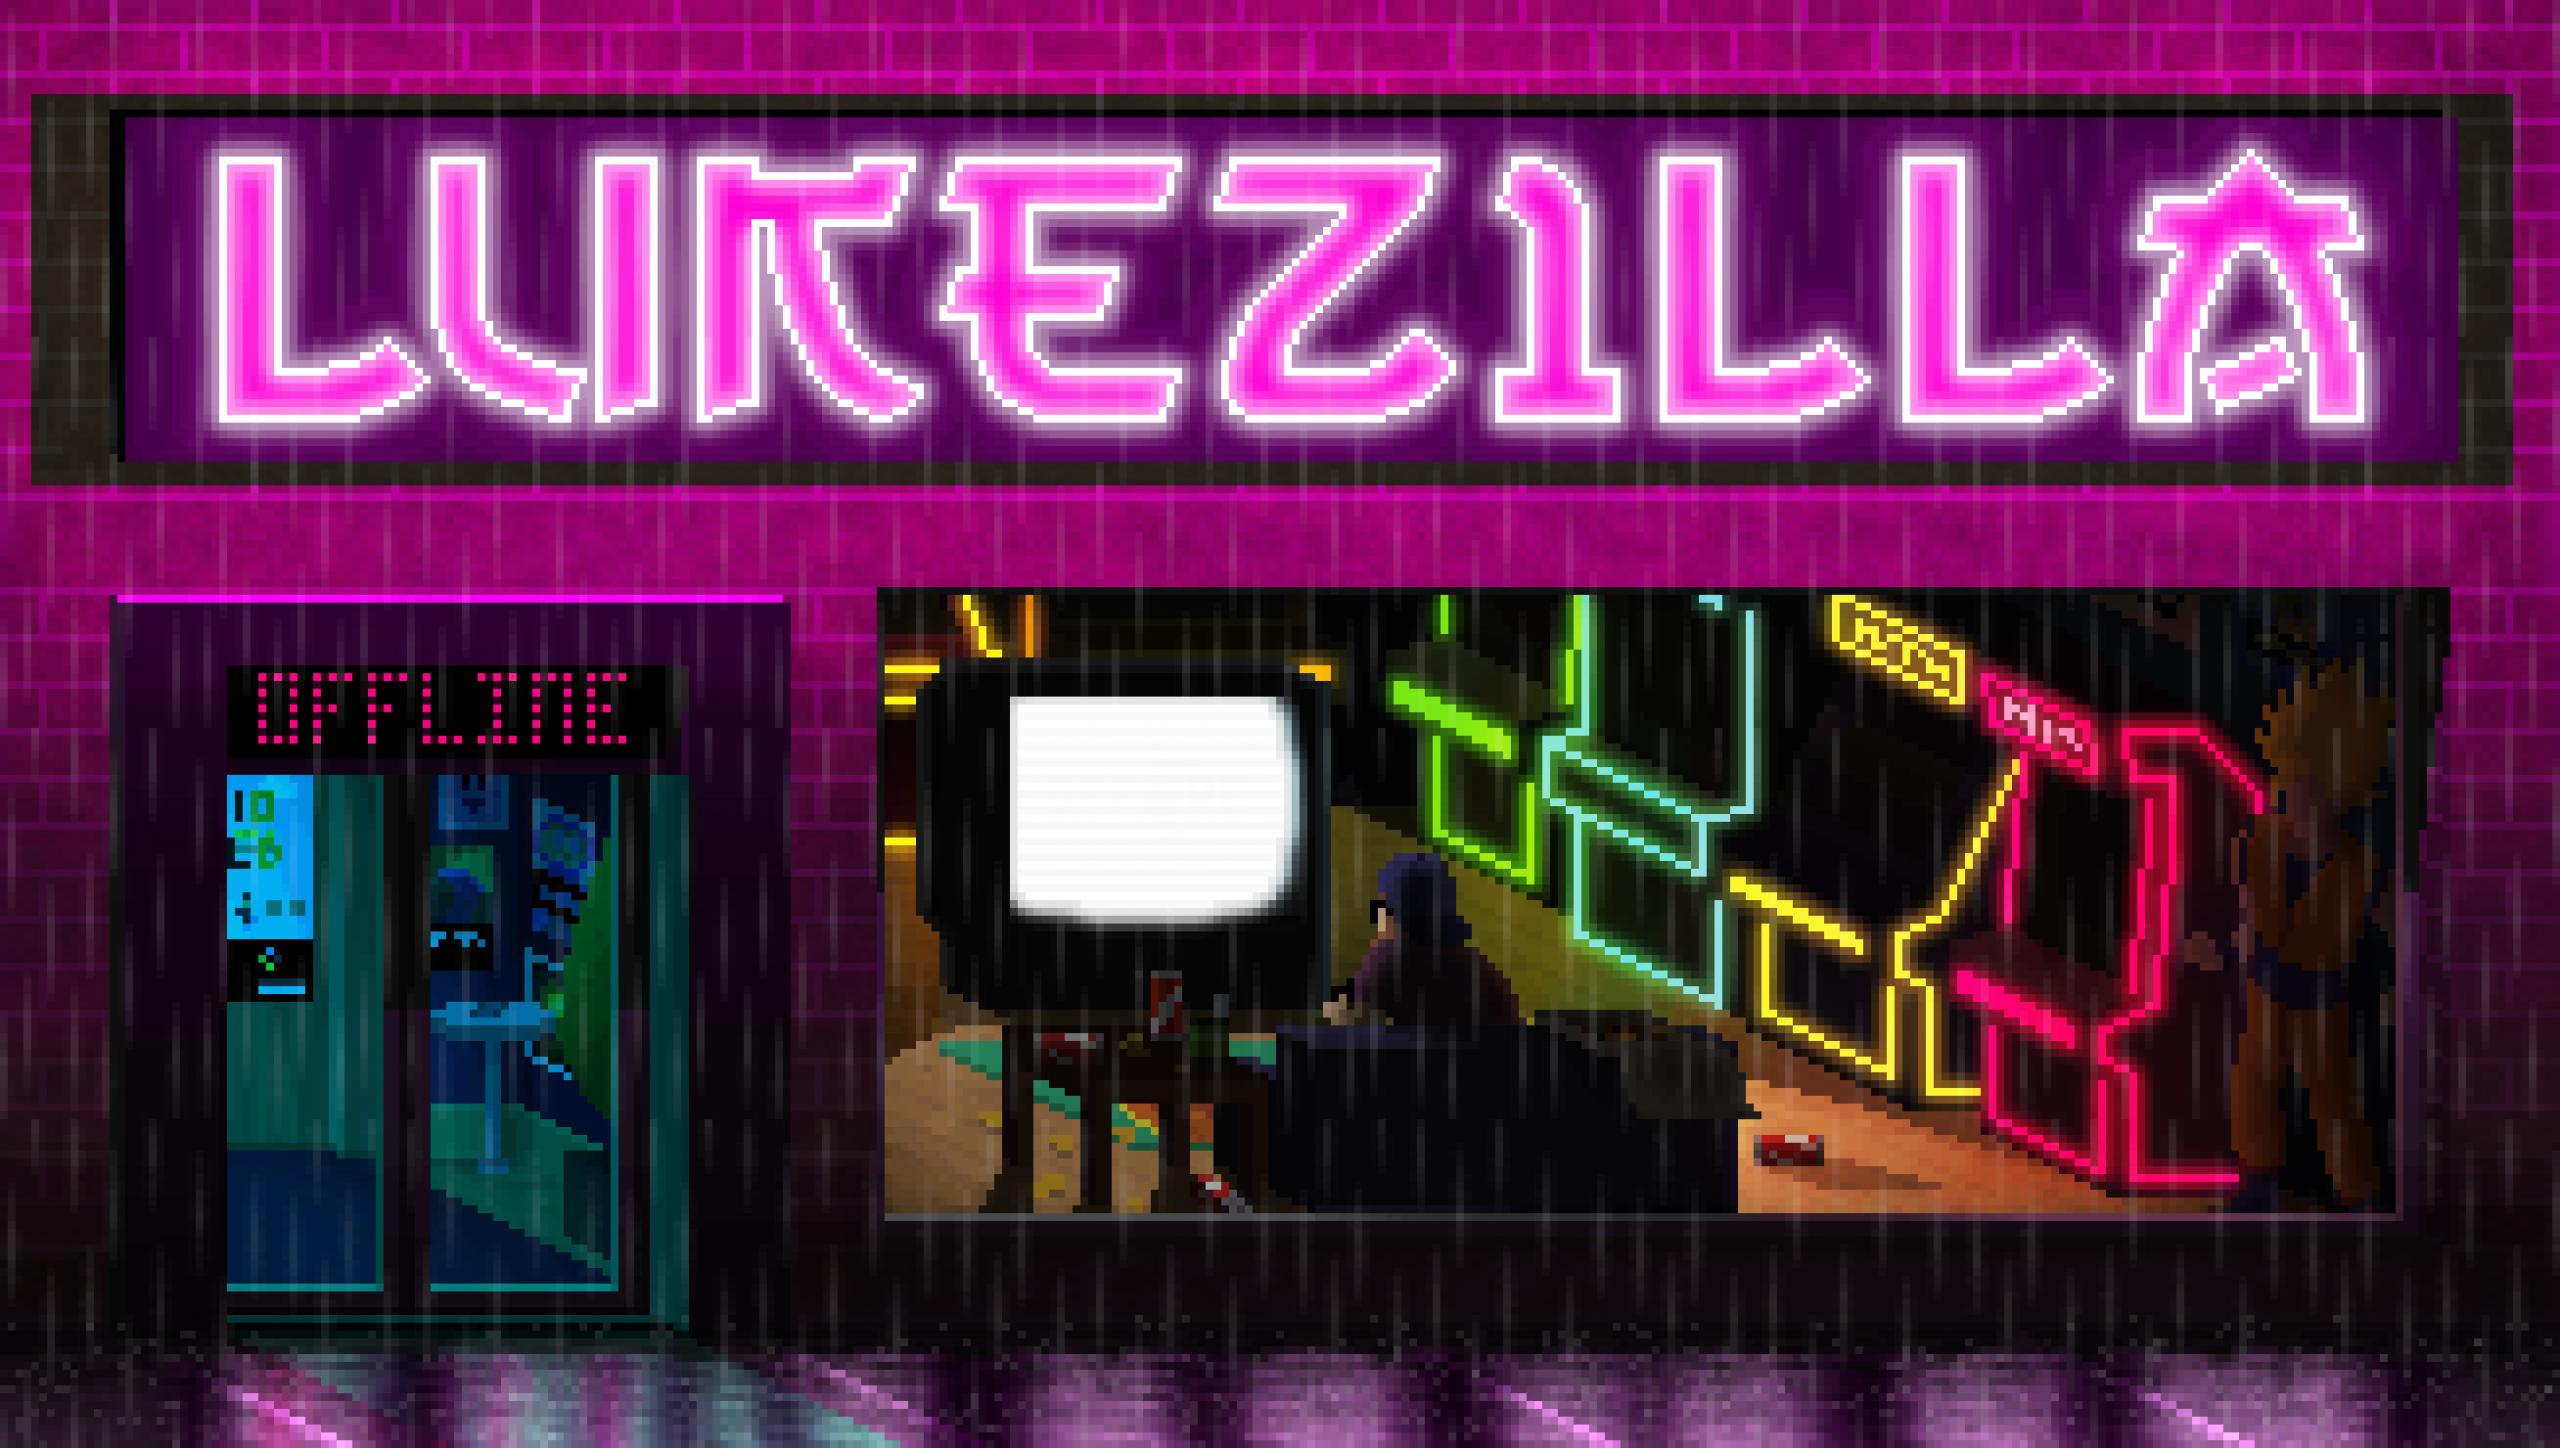 lukez1lla twitch channel offline banner